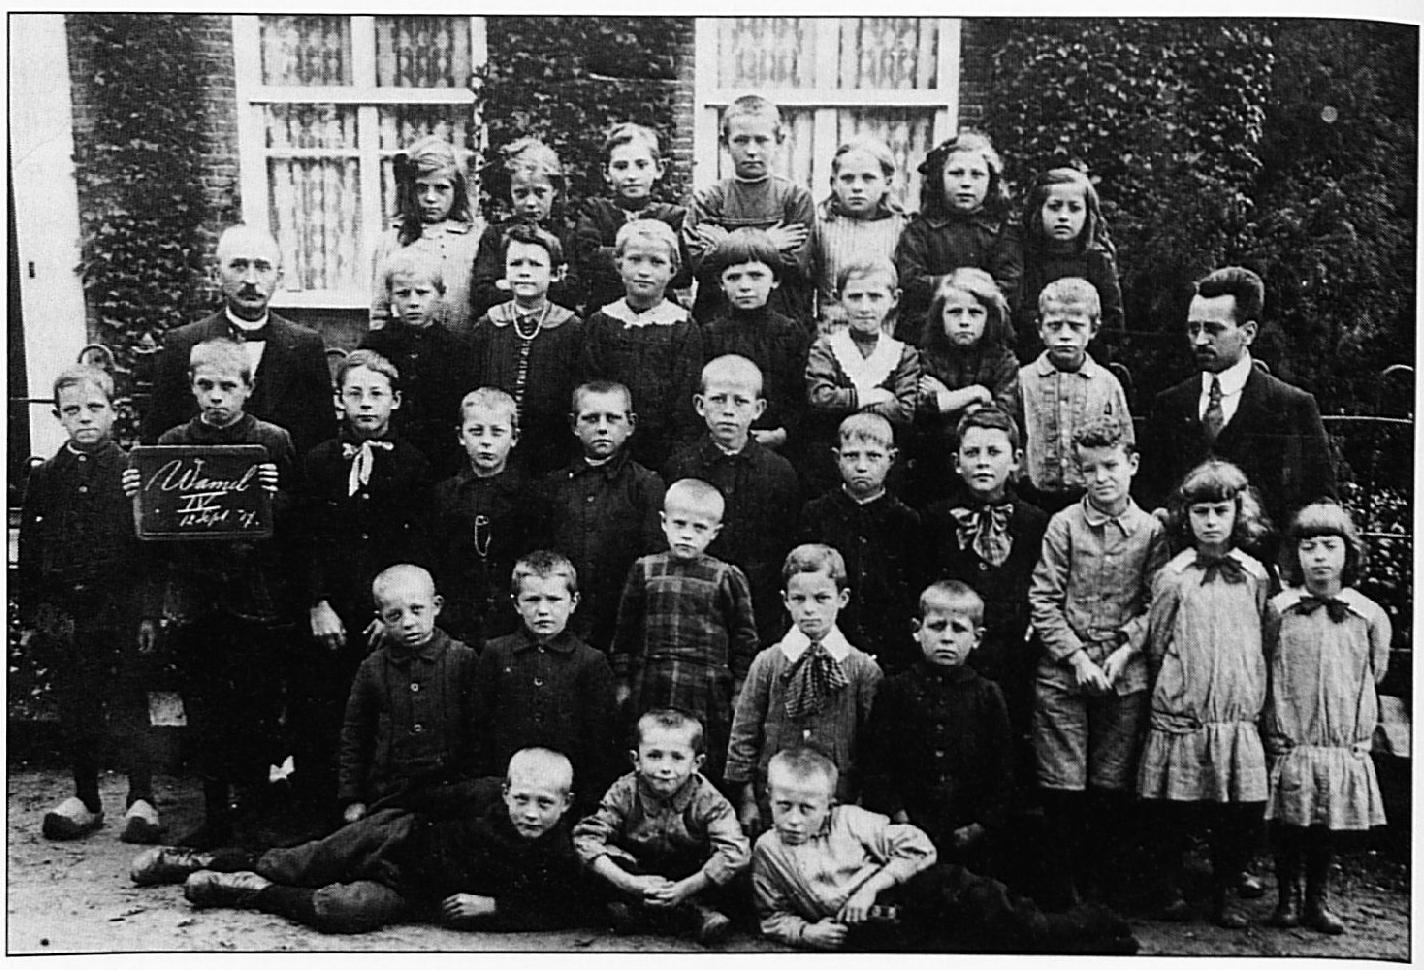 Deze school foto dateert uit 1917 en is gemaakt op 12 september, zoals op de lei te lezen is. Achterste rij v.l.n.r.: Sjaan Udo, .... , Fien Vermeulen, V. Dinther, .... , Leida van Rossum, Marietje Schonen berg. Tweede rij van achteren: Meester Vincent, Herman van Rossum, Anna van Dinther, Corrie Tiebos, .... , Nellie Vermeulen, Marietje van Rossum, Jo van Haren, meester V.d. Steen. Derde rij van achteren: Gijs van Rossum, Pietje van Rossum, Fr. van Gelder (pater), Gerard van Gelder, Cor van Rossum, Dirk van Zuidam , Bertus van Rossum, Tonia van Dinthcr, Willie Schuijt, Joke Schuijt, Marietje Schuijt. Vierde rij : Ton van Rossum, Wim Walraven, Anneke Walraven, Guus Schuijt, Wim van Haren. Vooraan: .... ,(?) Vermeulen, Piet van Haren.